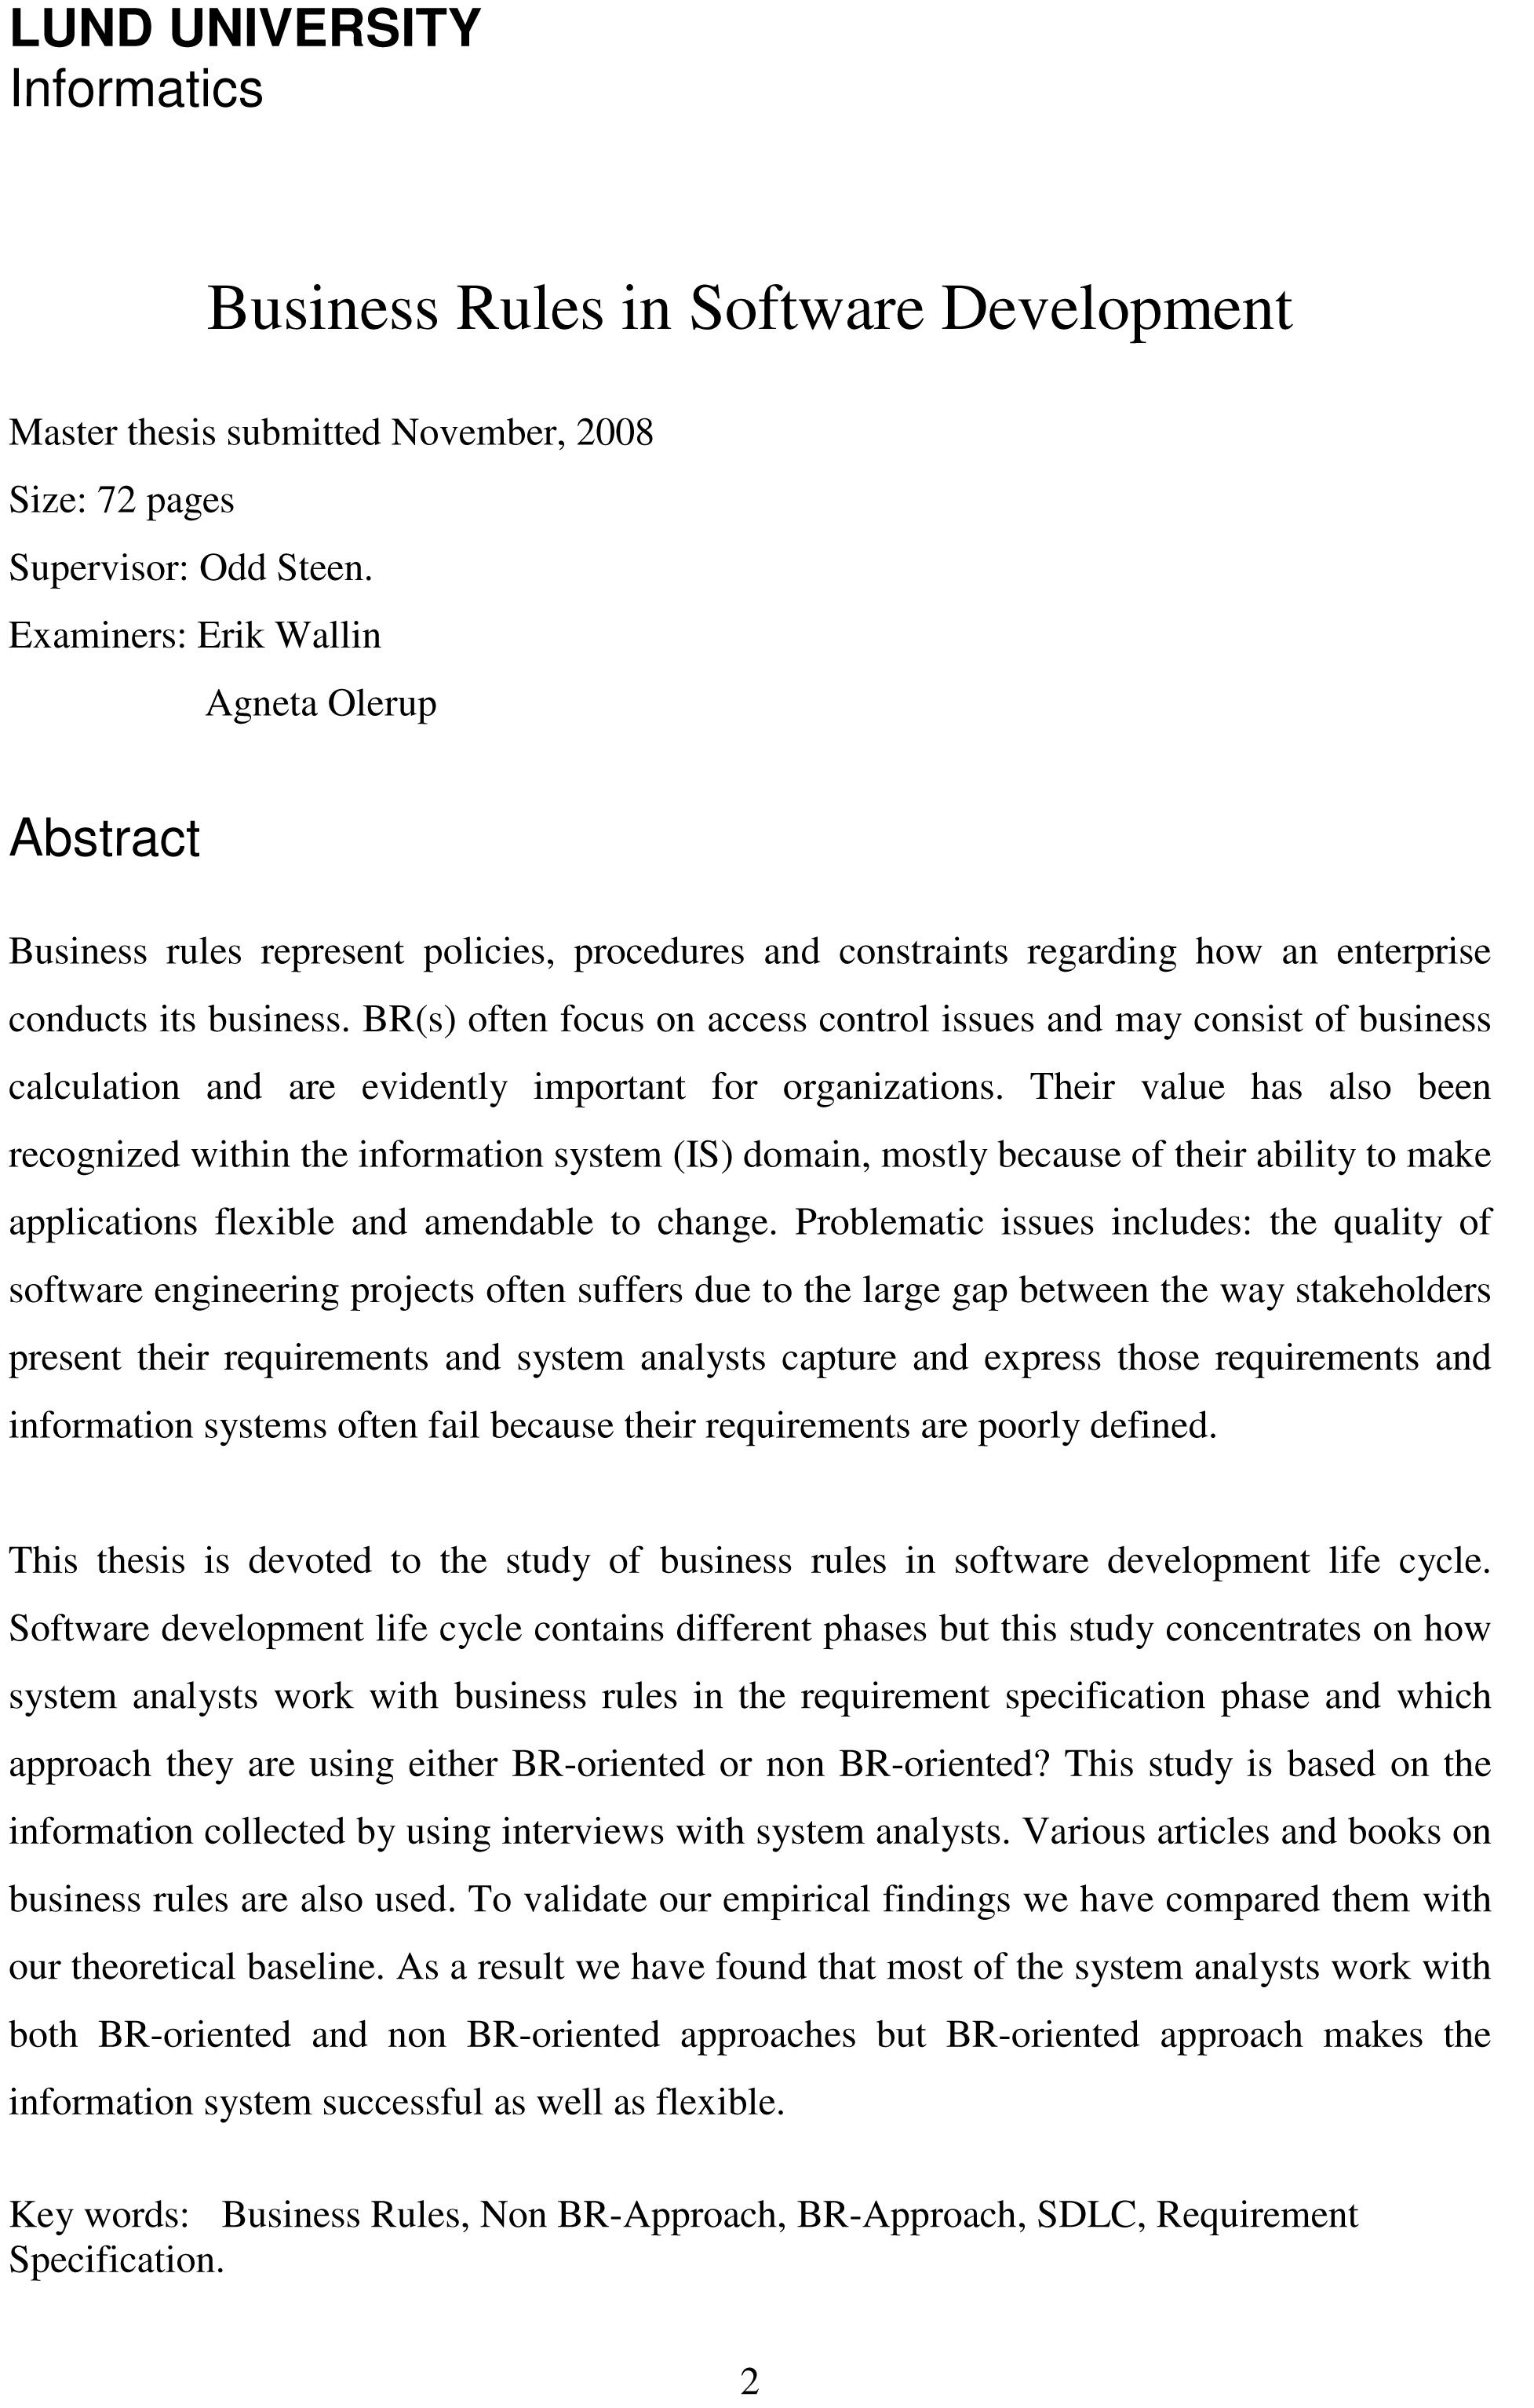 Online academic essays costom